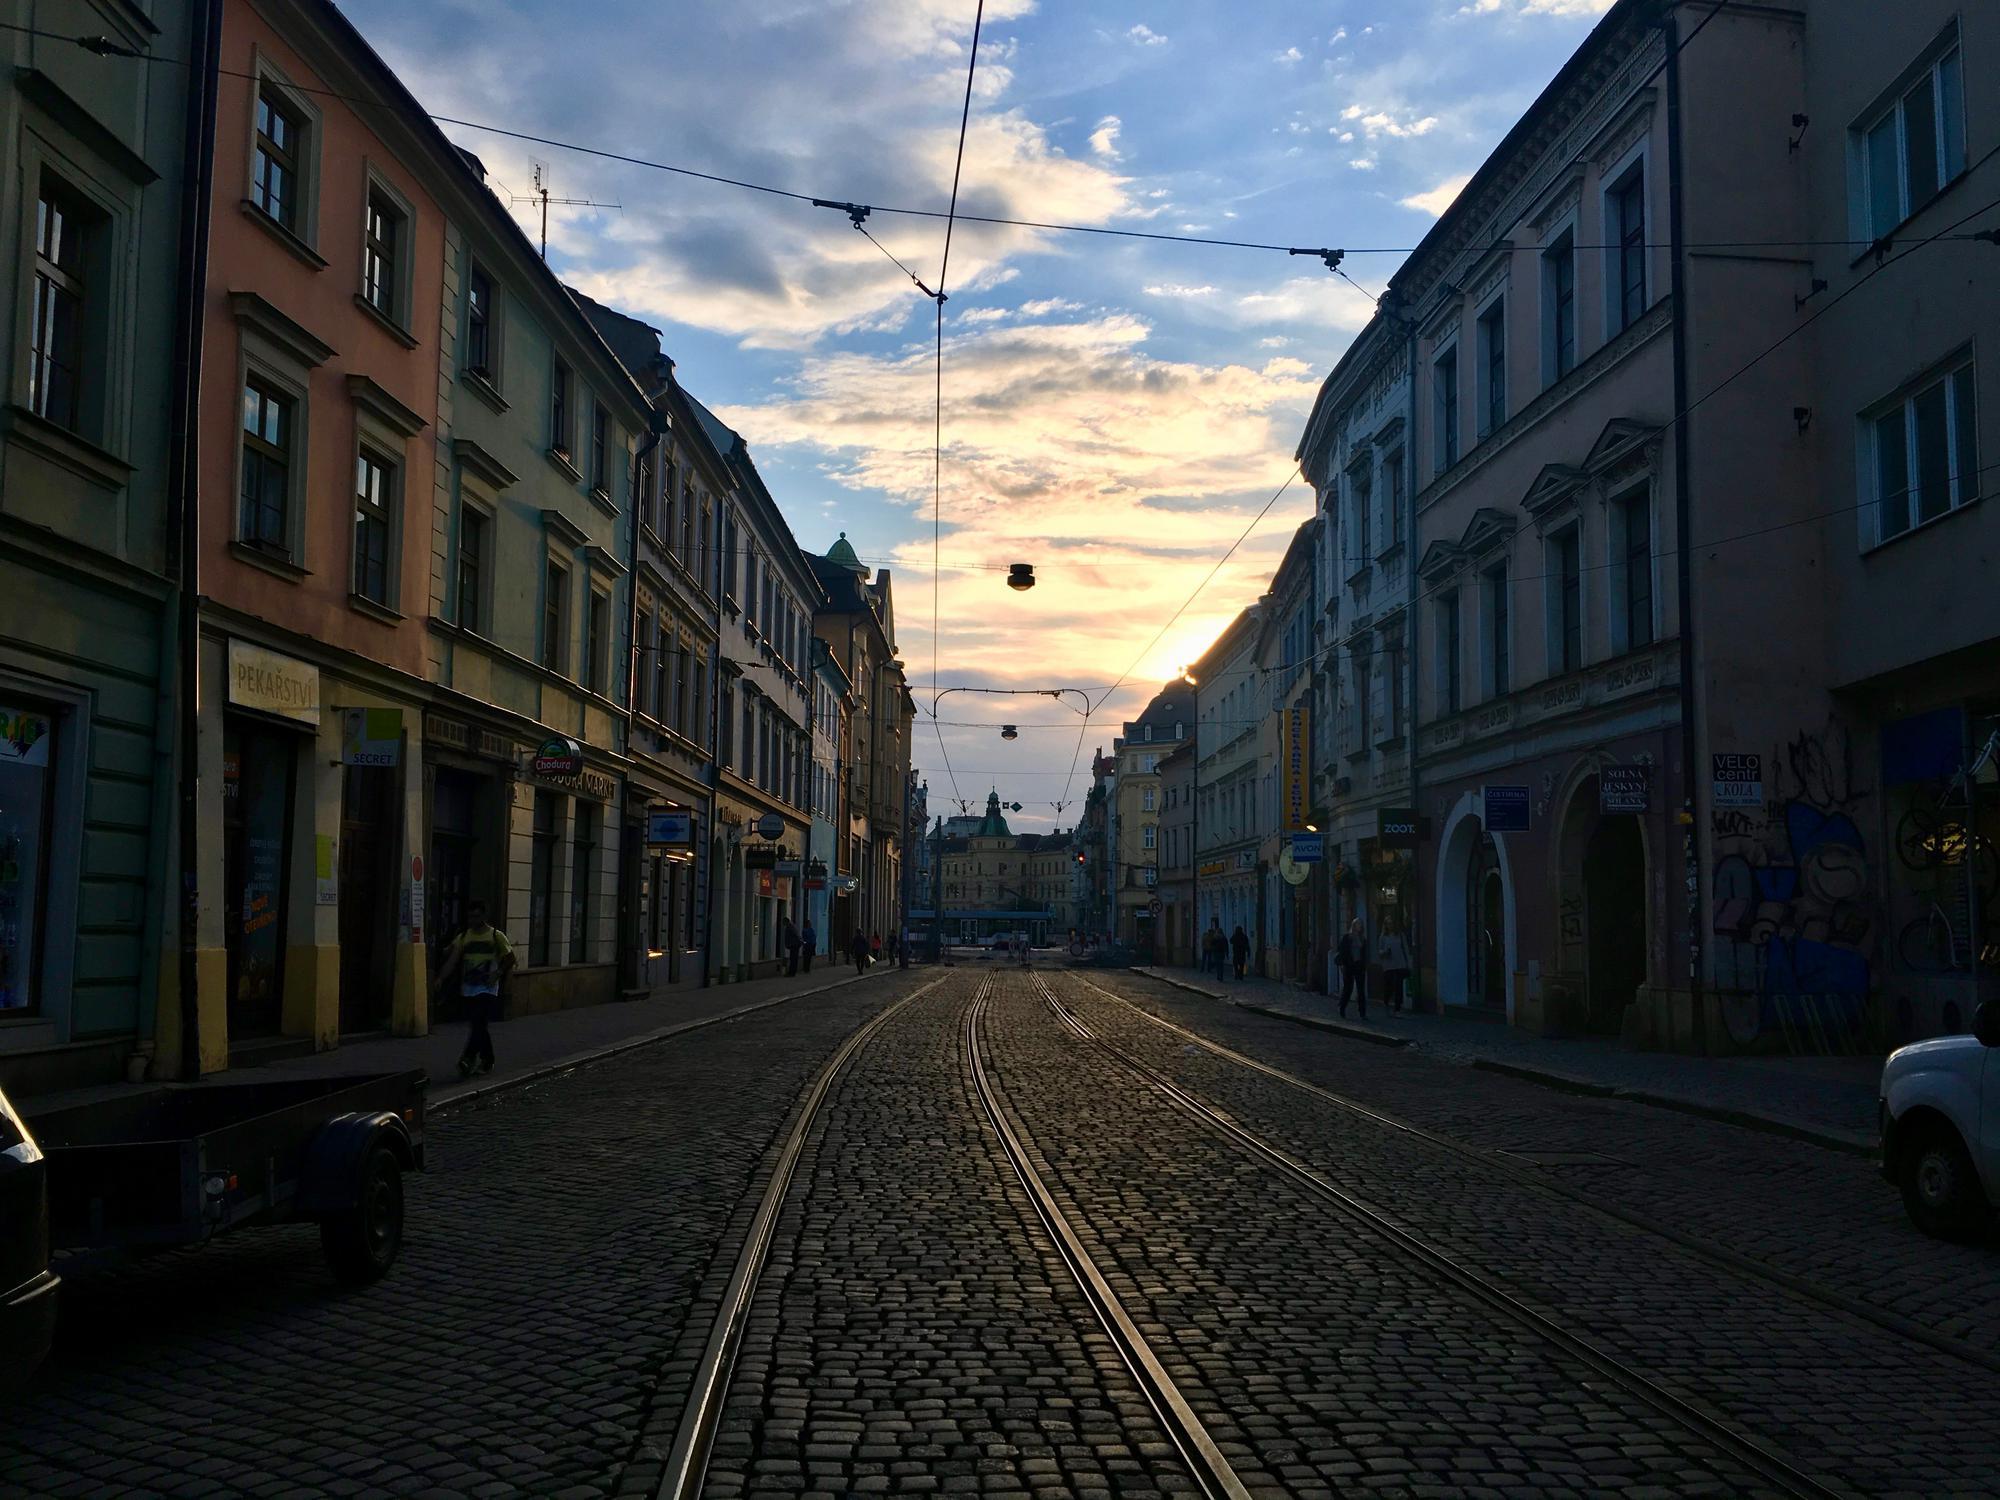 🇨🇿 Оломоуц, Чехия, май 2017.